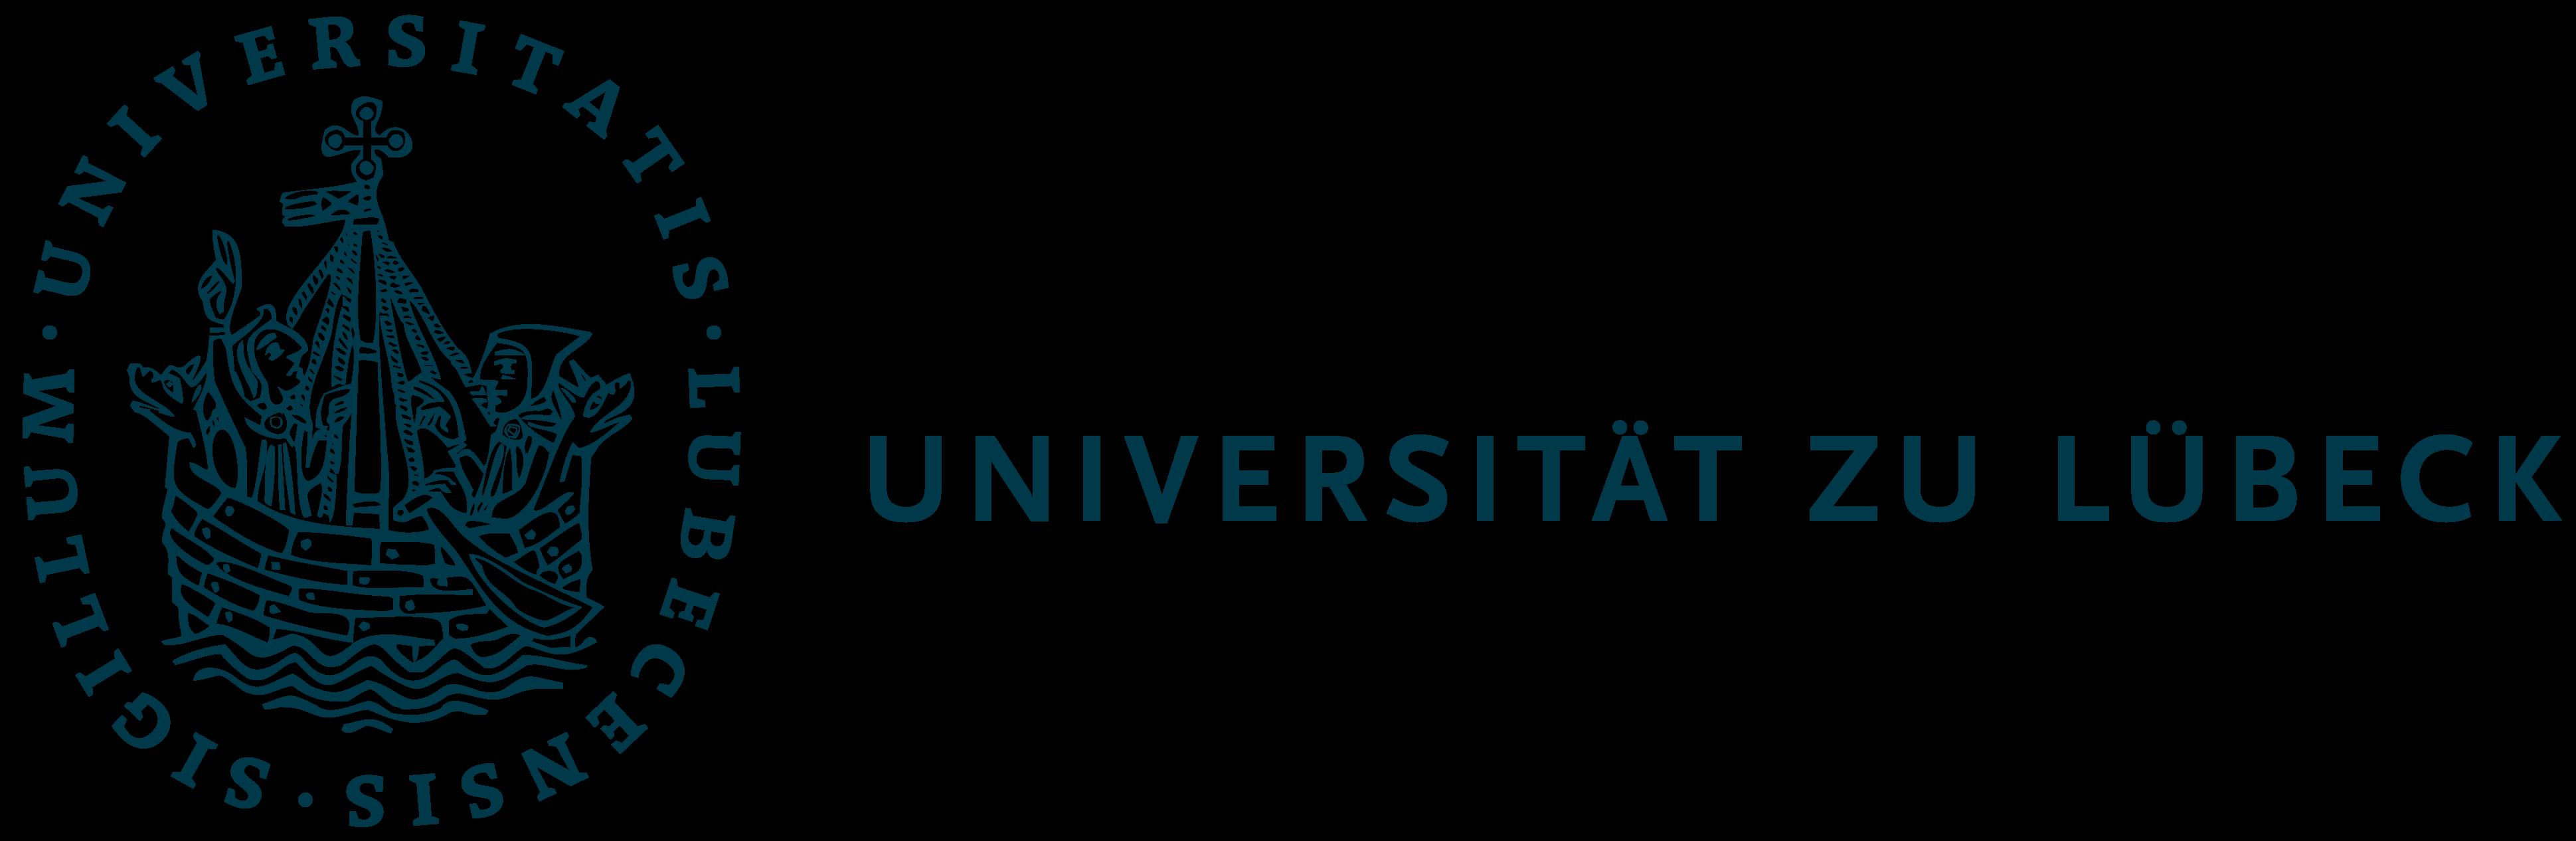 Logo_Uni_Luebeck_1200dpi_2